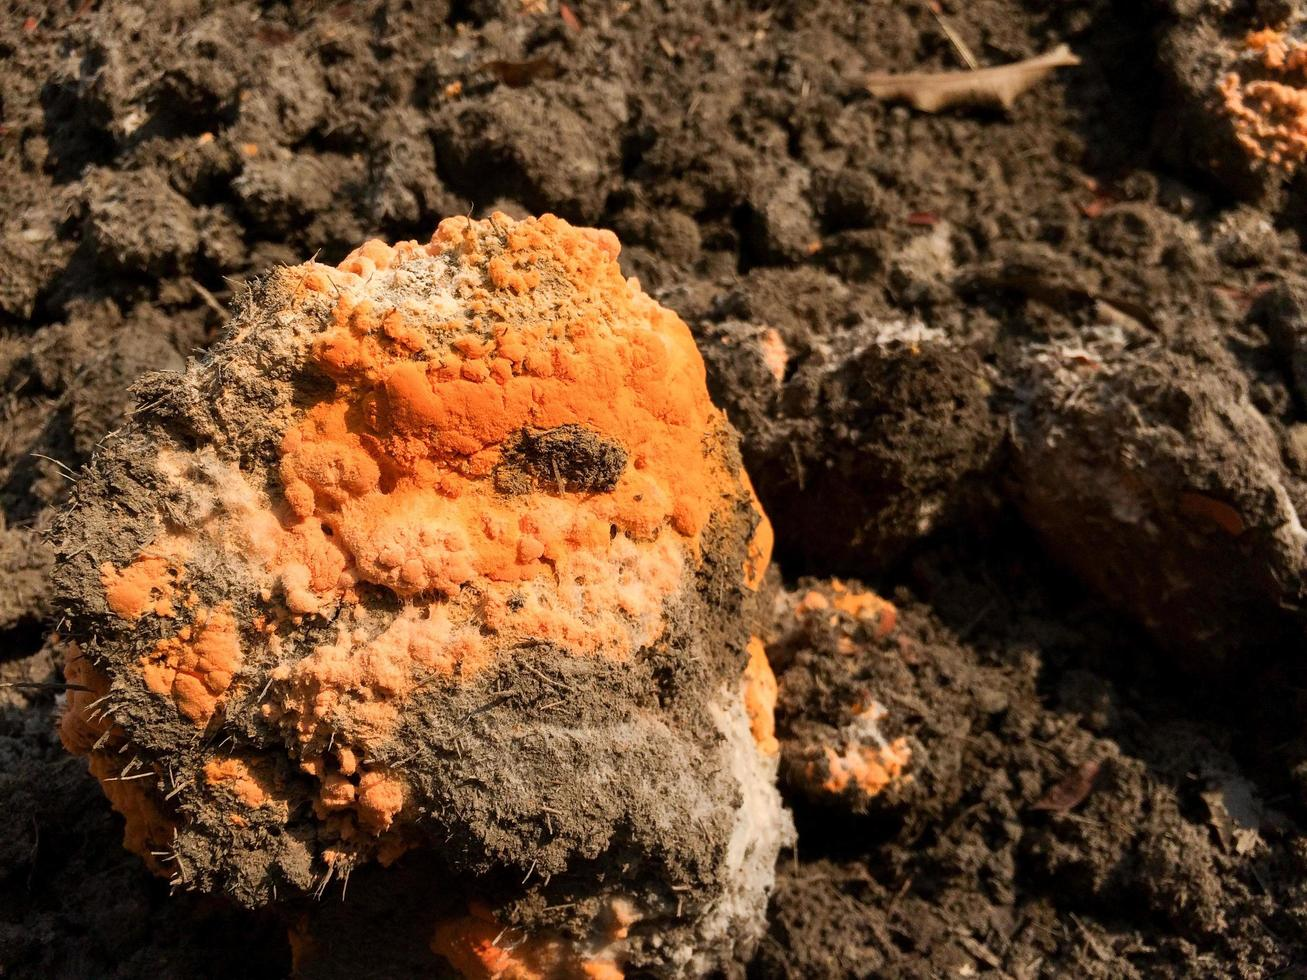 close-upschimmel of oranje schimmel groeit op een zwarte kunstmestheuvel en genereert humus door het fermentatieproces. fase van celdeling en sporenverdeling foto